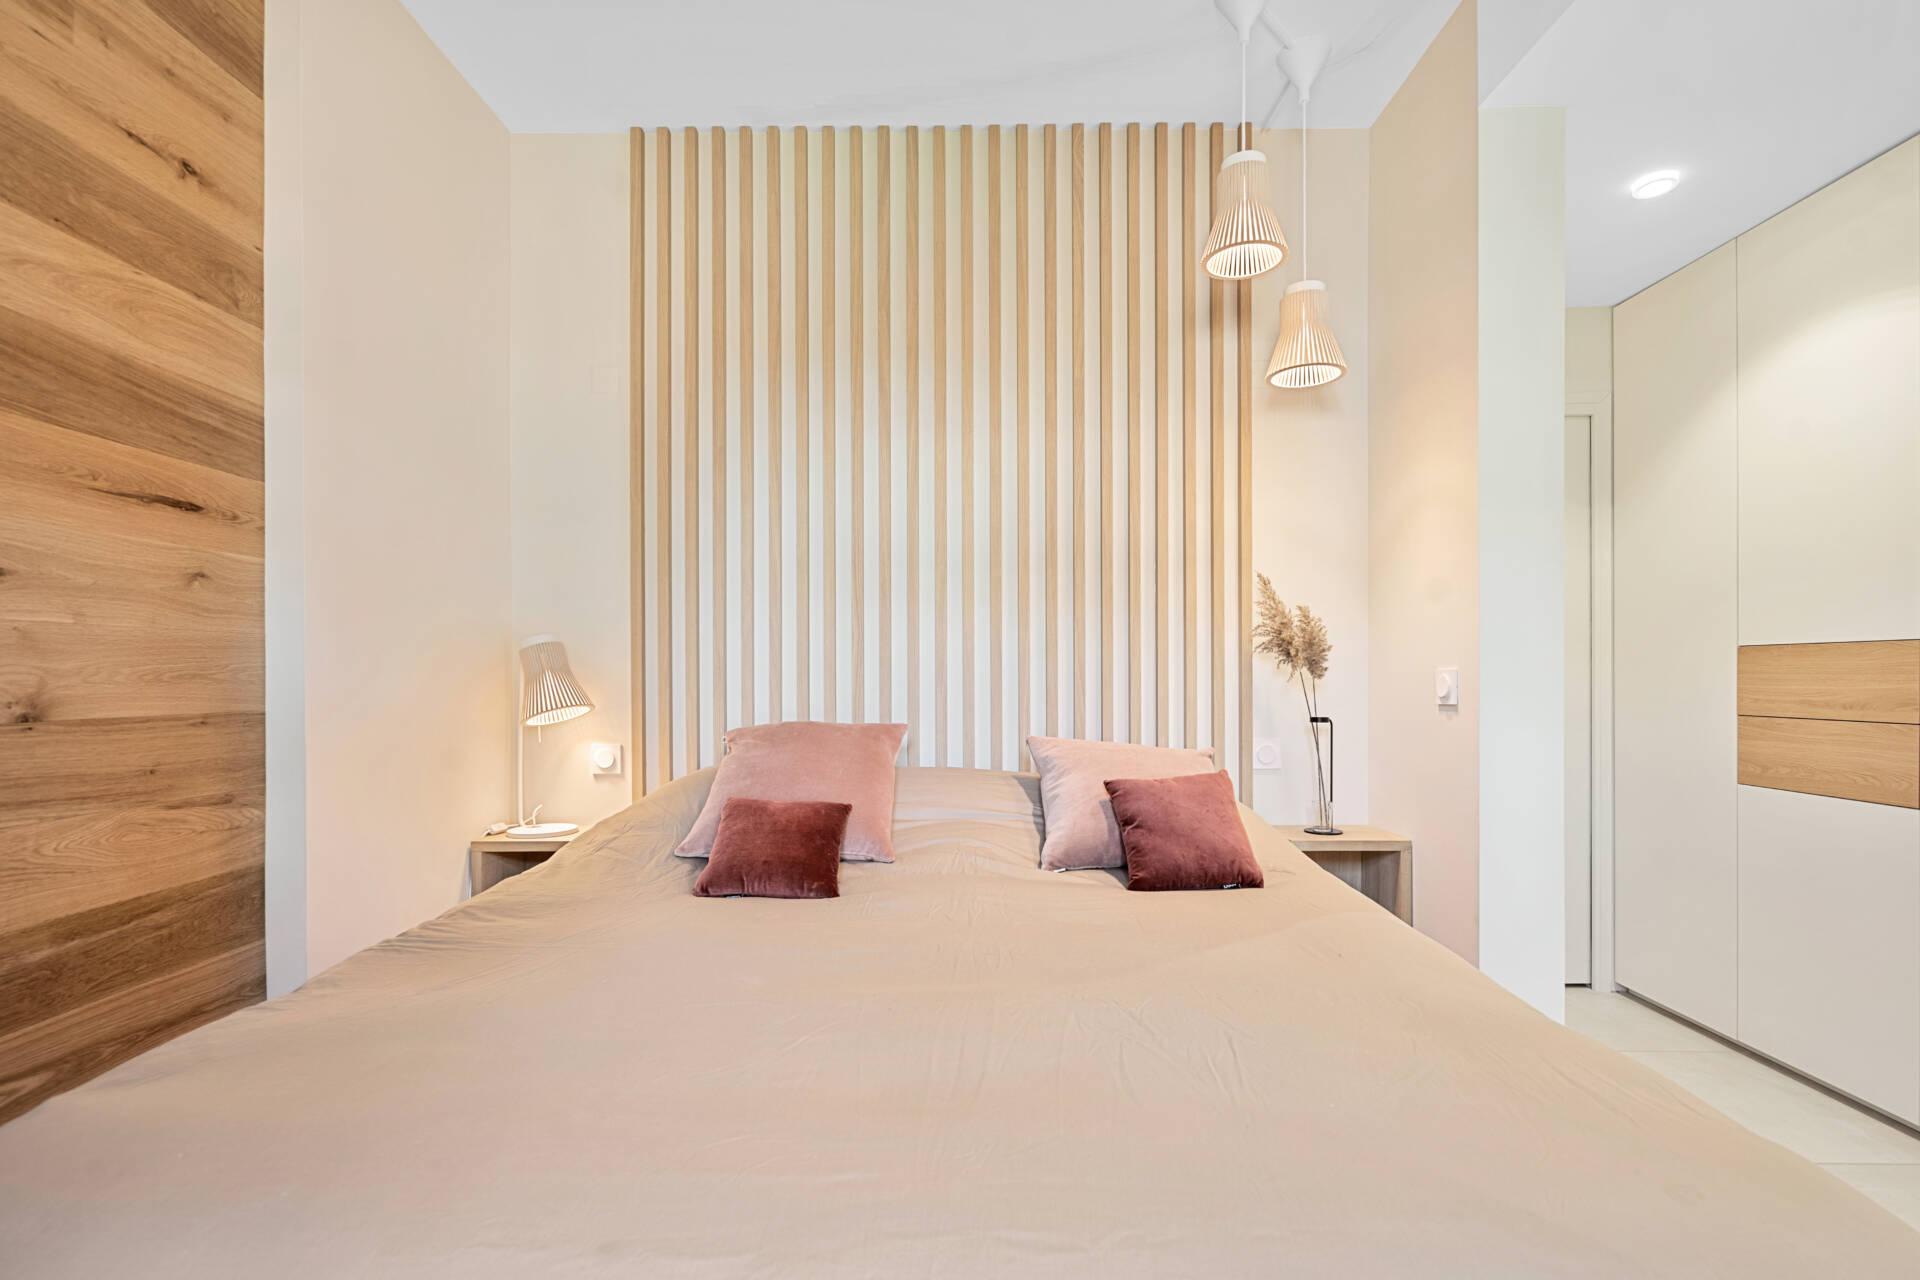 Décoration et agencement Appartement neuf Aix en Provence - Chambre avec placard étagères bois et blanc, par Myll décors , Agence de décoration à Aix en Provence et dans le Var